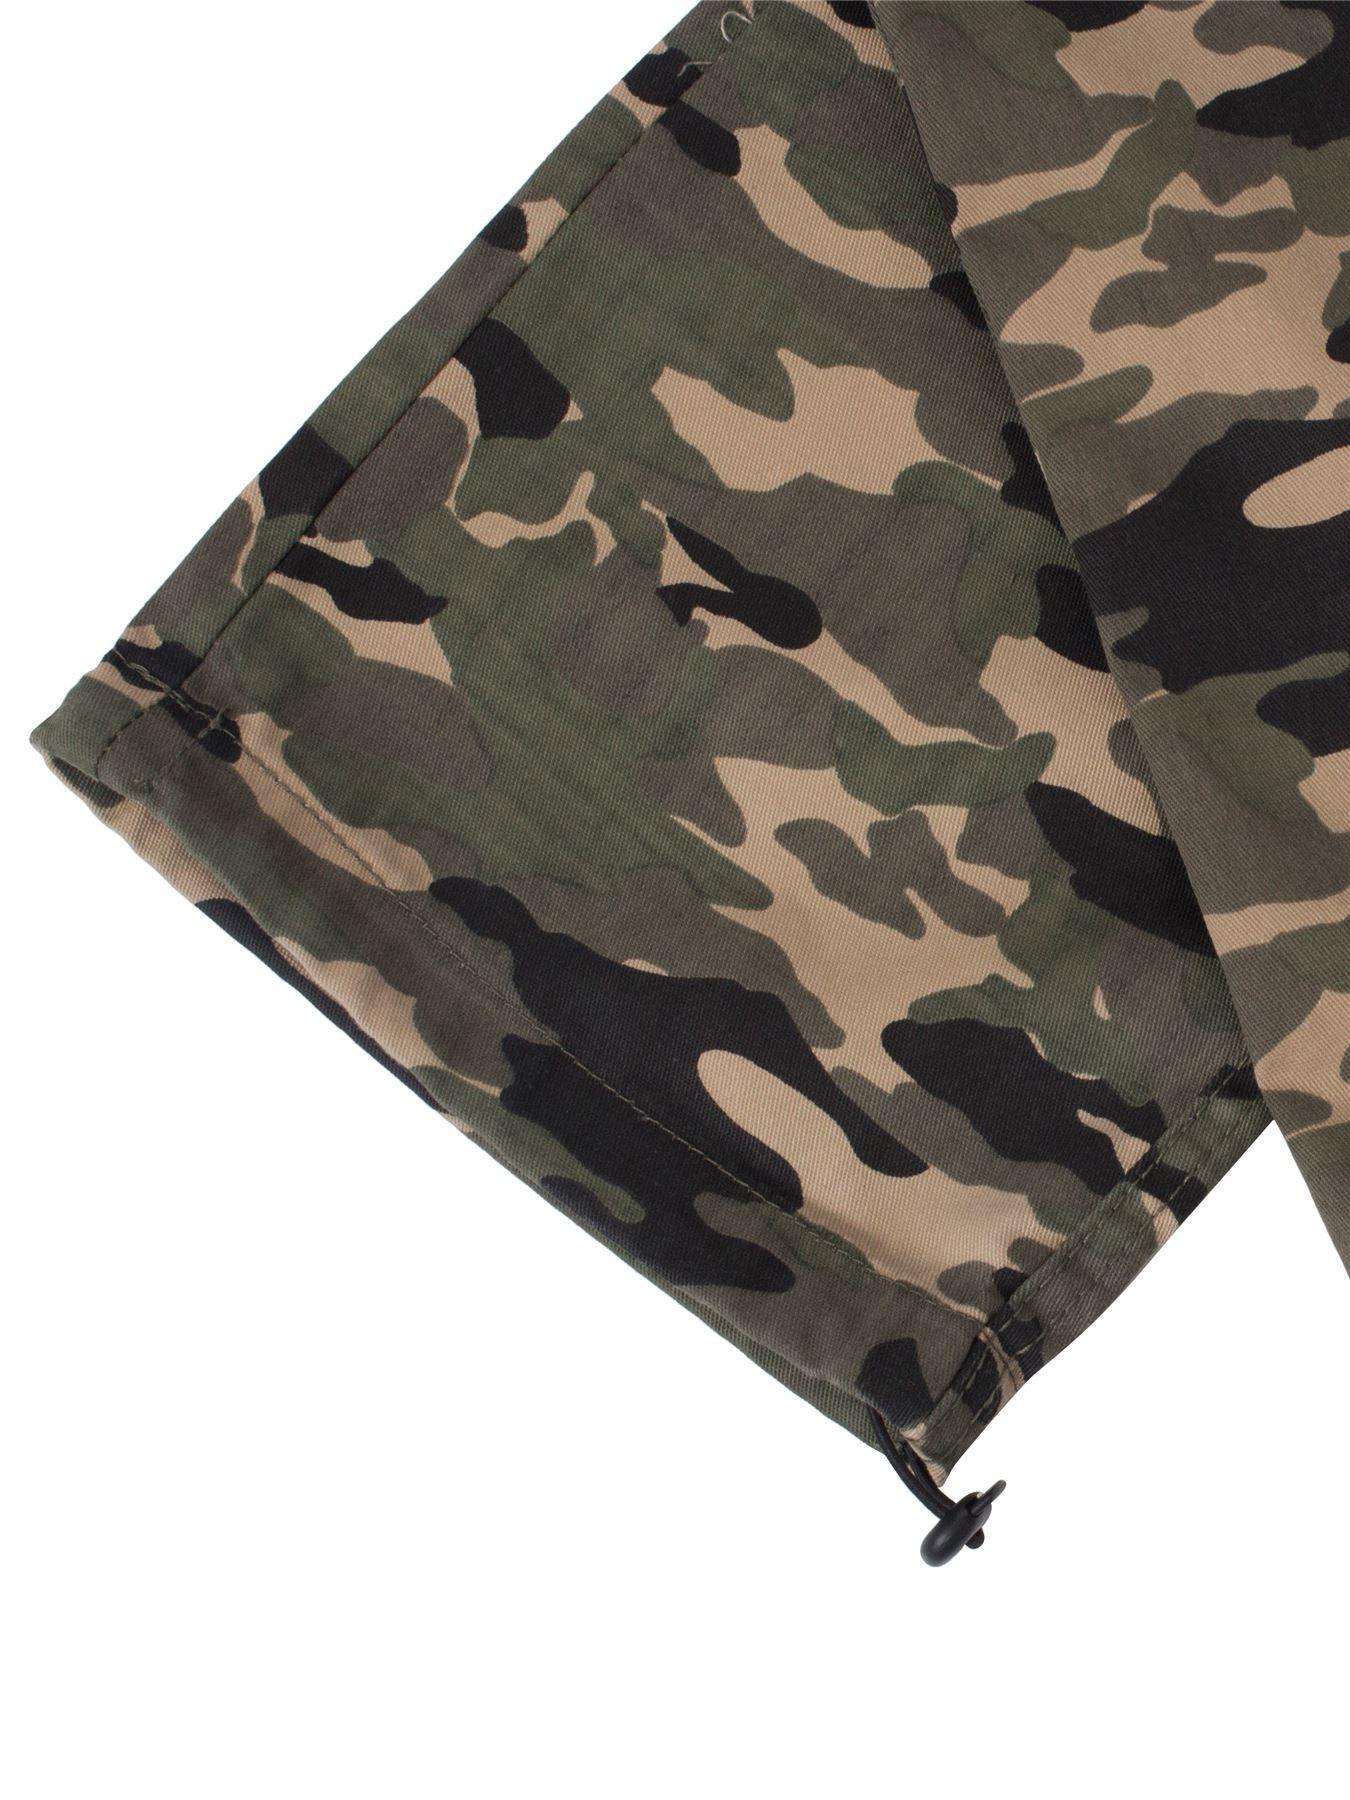 Kruze-Uomo-Militare-Pantaloni-Camouflage-Cargo-Mimetico-Casual-Lavoro miniatura 22